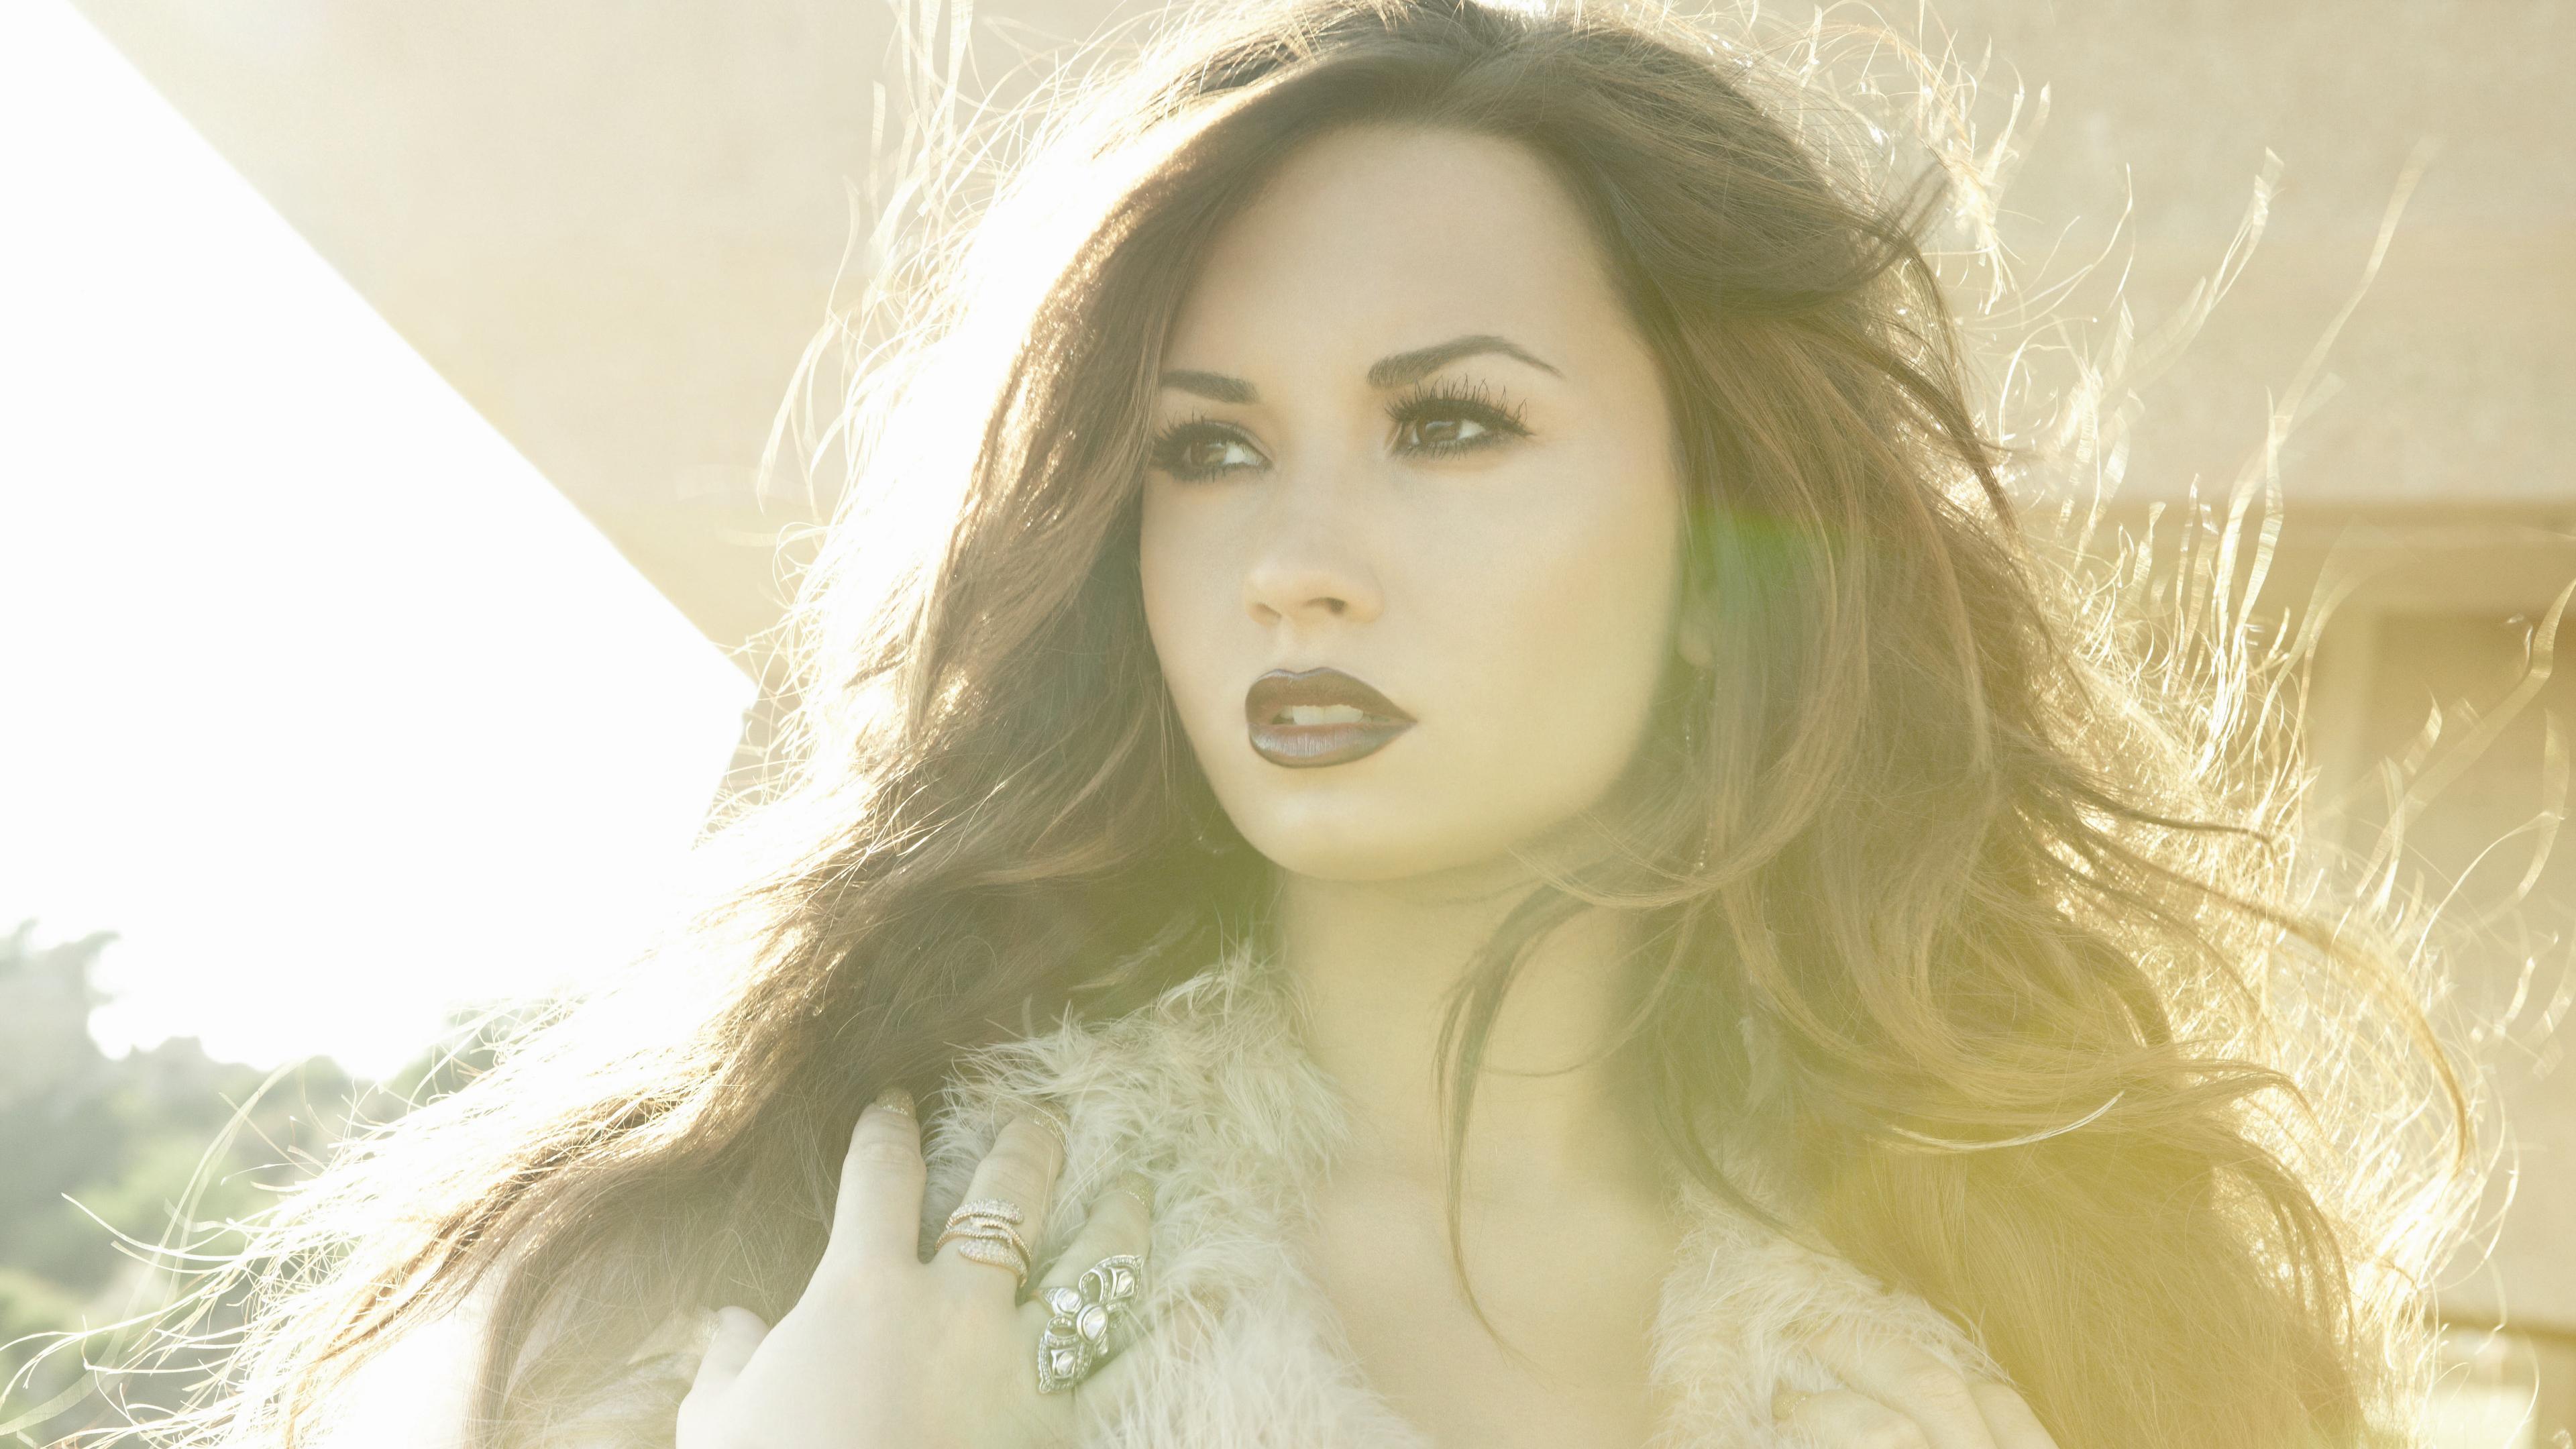 demi lovato 4k new 1542824623 - Demi Lovato 4k New - music wallpapers, hd-wallpapers, girls wallpapers, demi lovato wallpapers, celebrities wallpapers, 4k-wallpapers